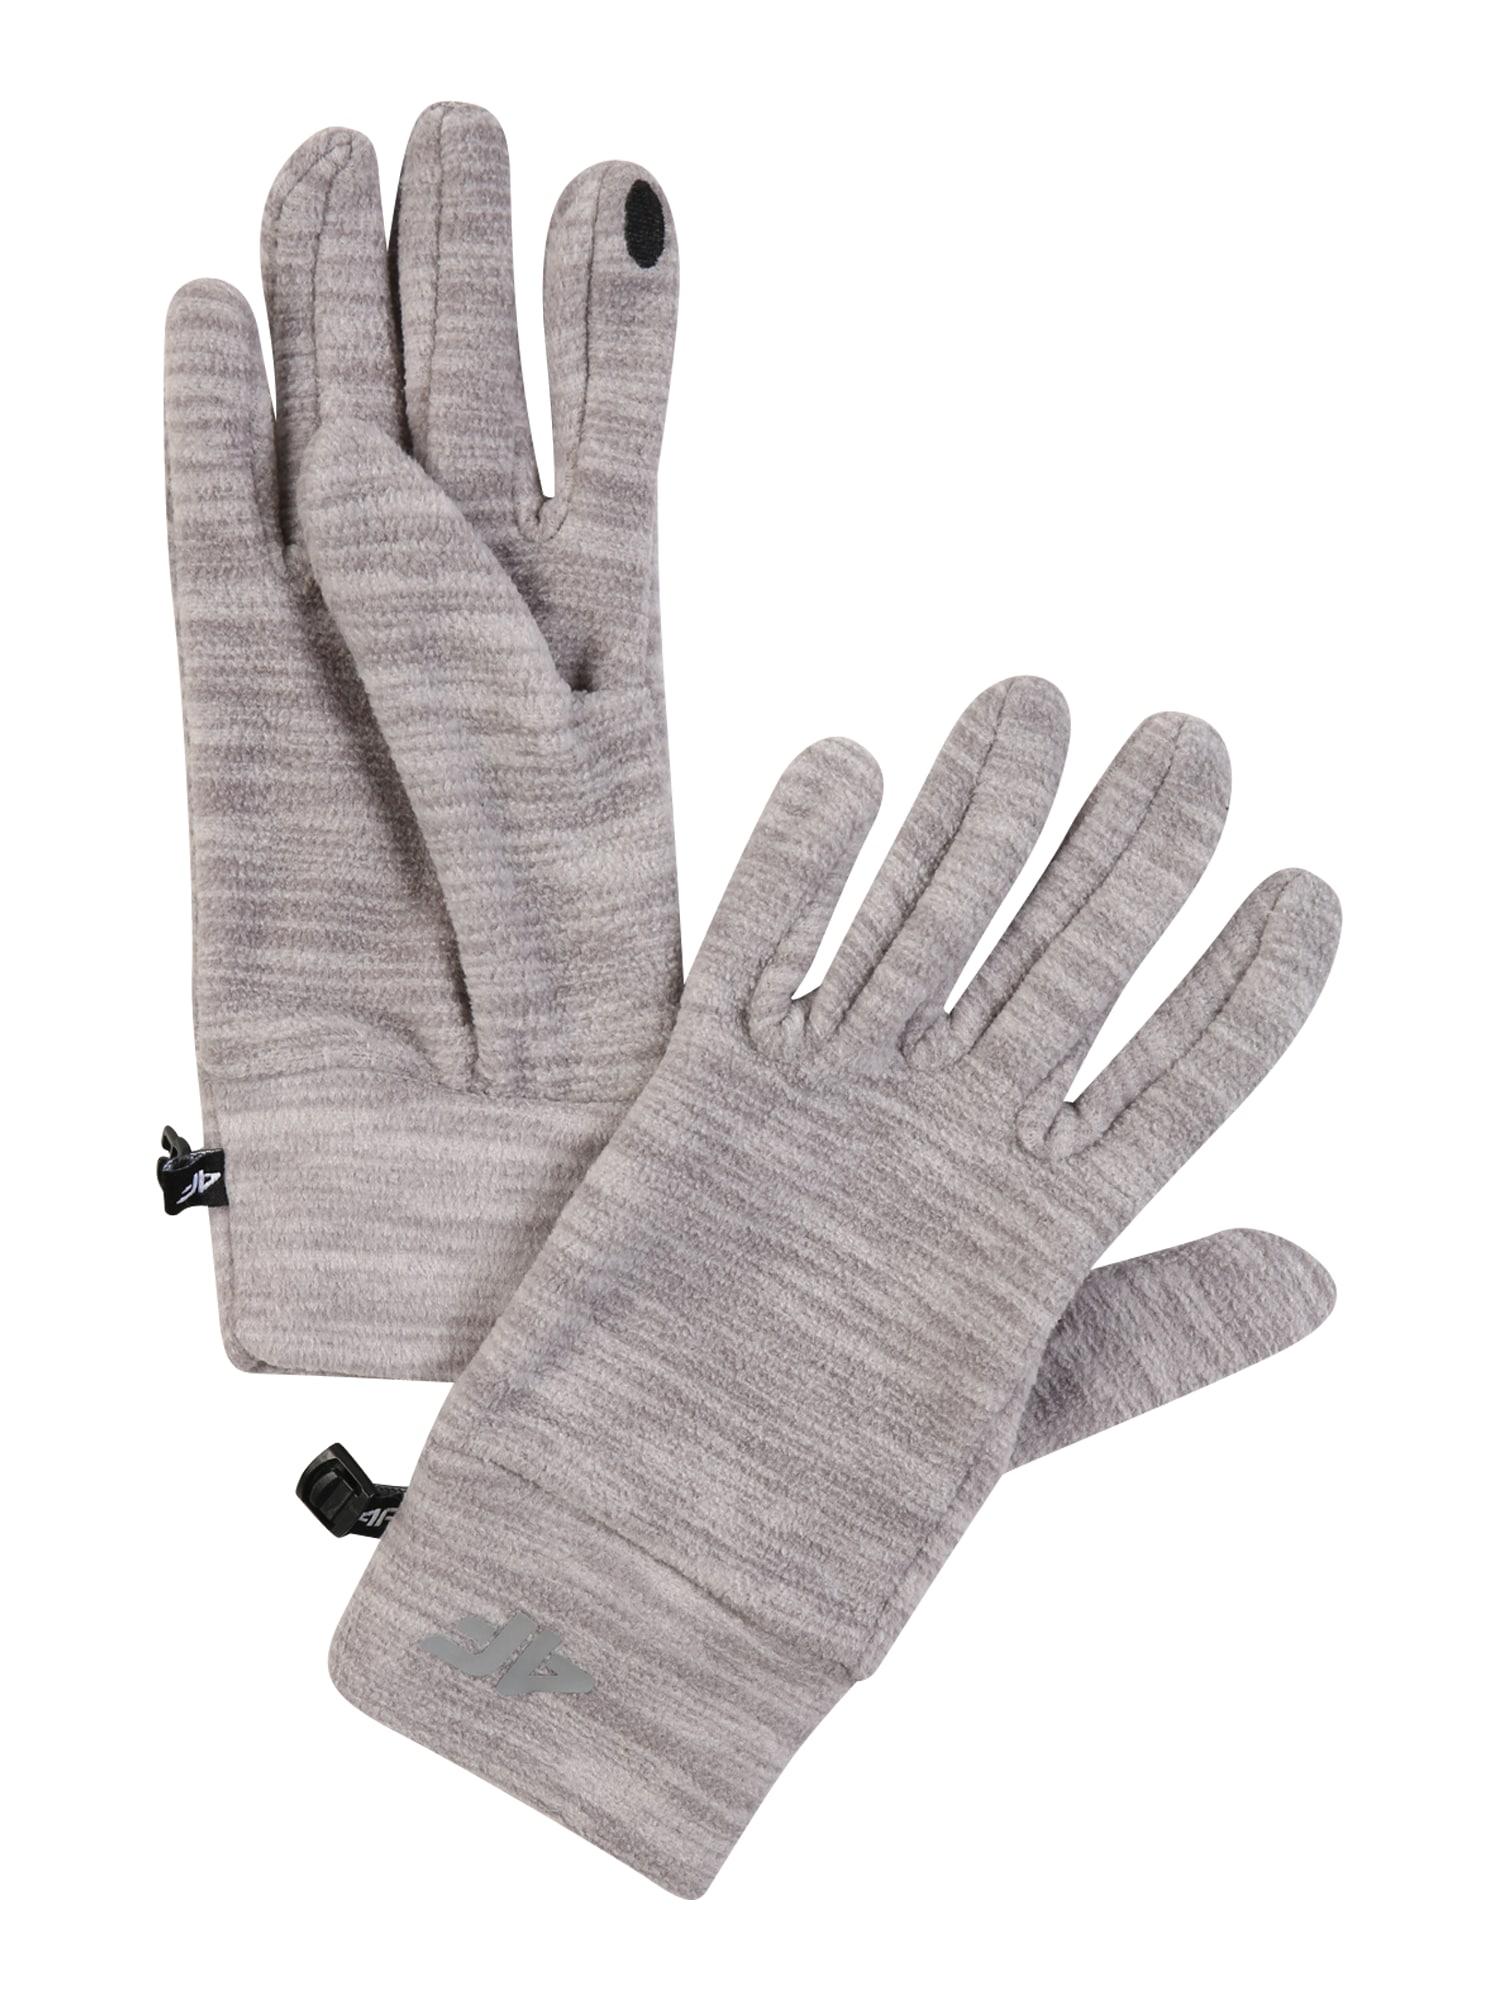 4F Sportinės pirštinės margai pilka